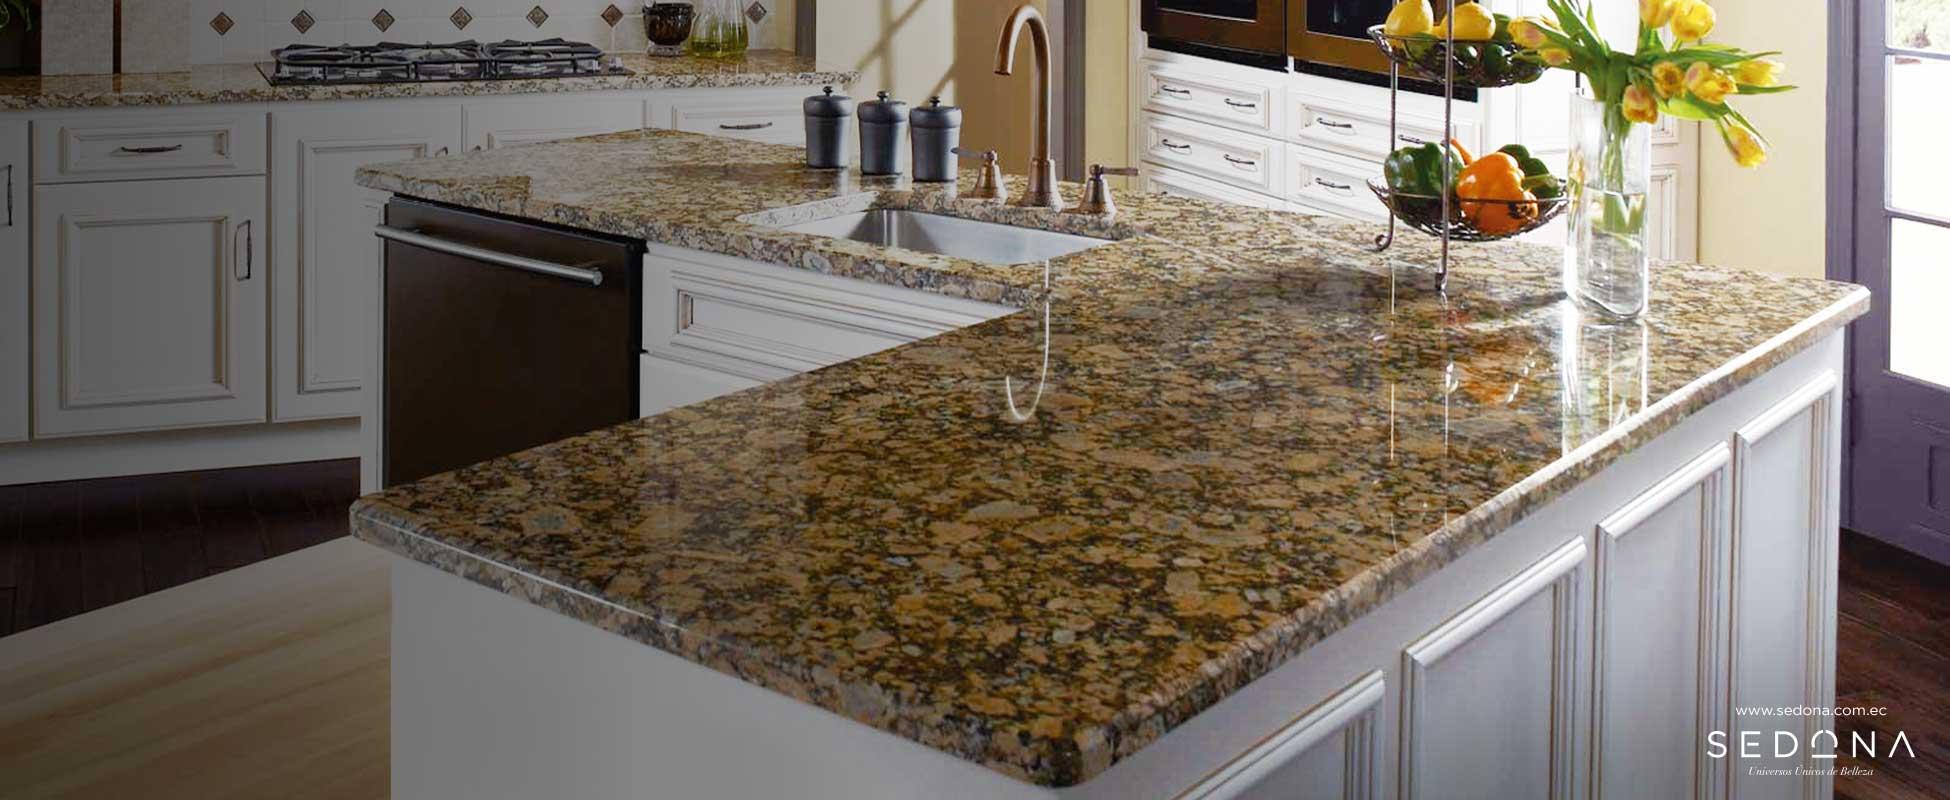 Granito fiorito sedona importador directo granitos for Colores de marmol granito